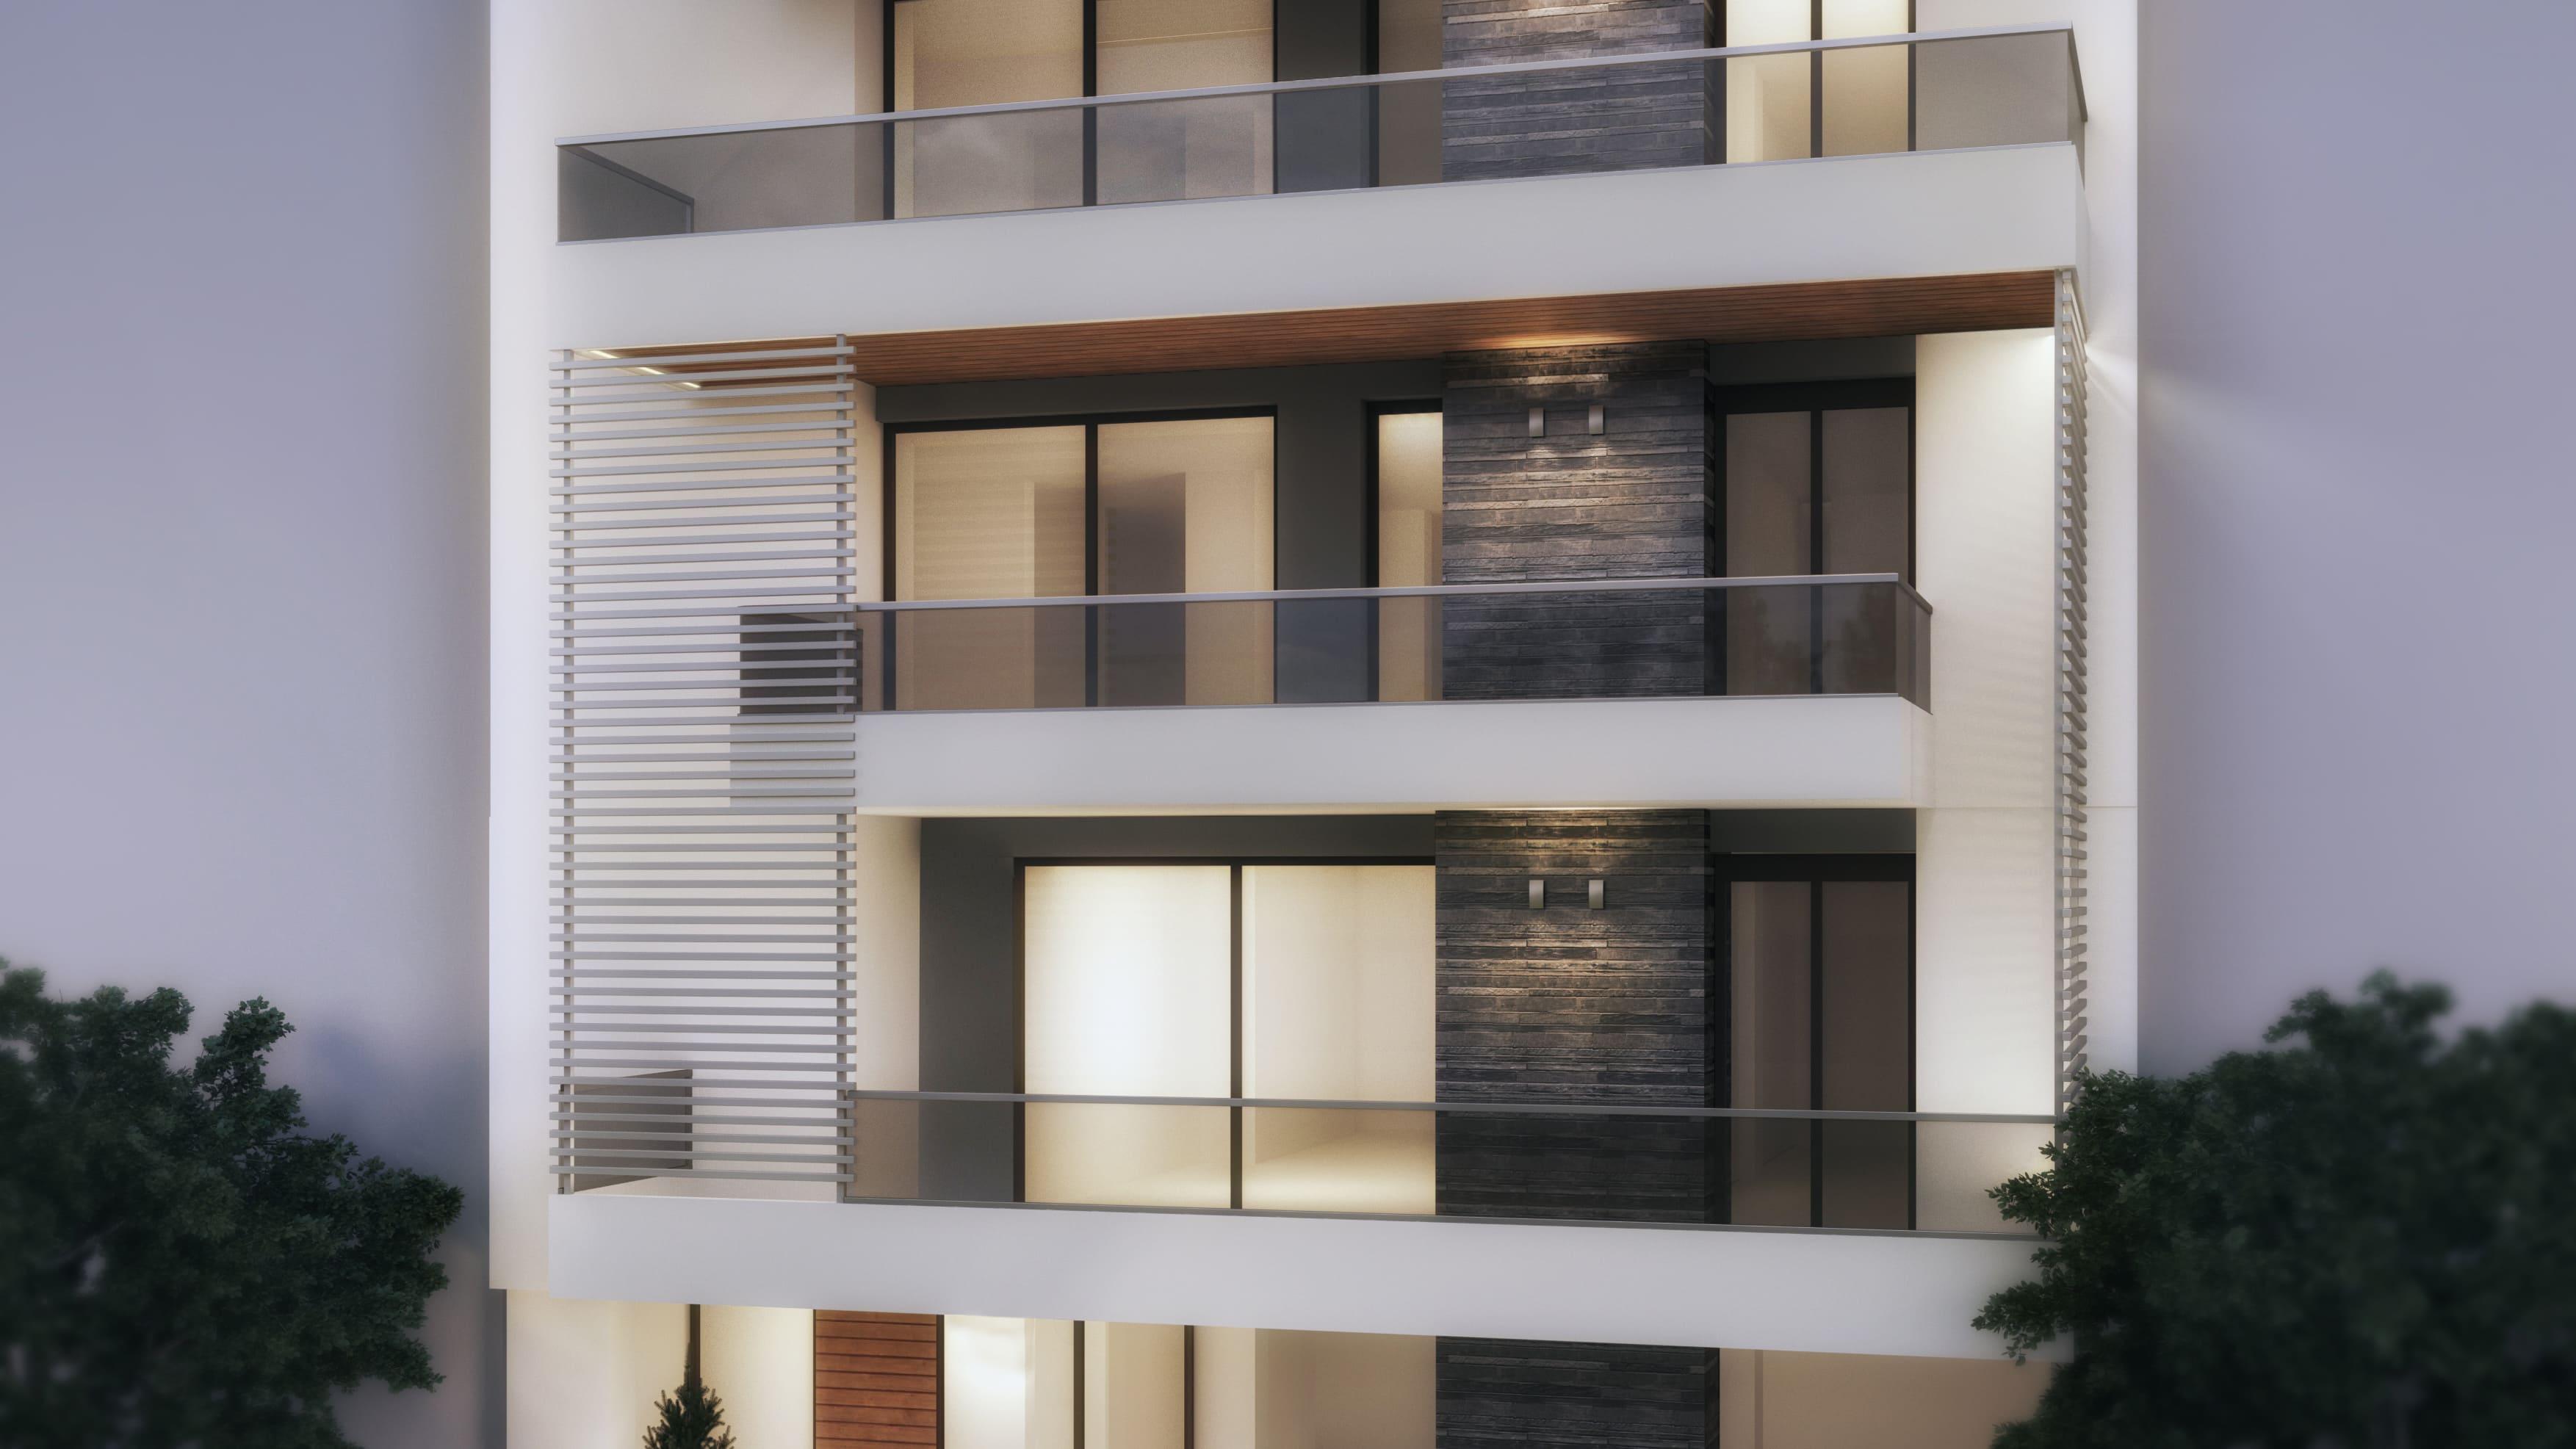 Κάτω Τούμπα | Ναυπλίου | Διαμέρισμα | 127 τ.μ. | 2ος όροφος | ΠΩΛΗΘΗΚΕ